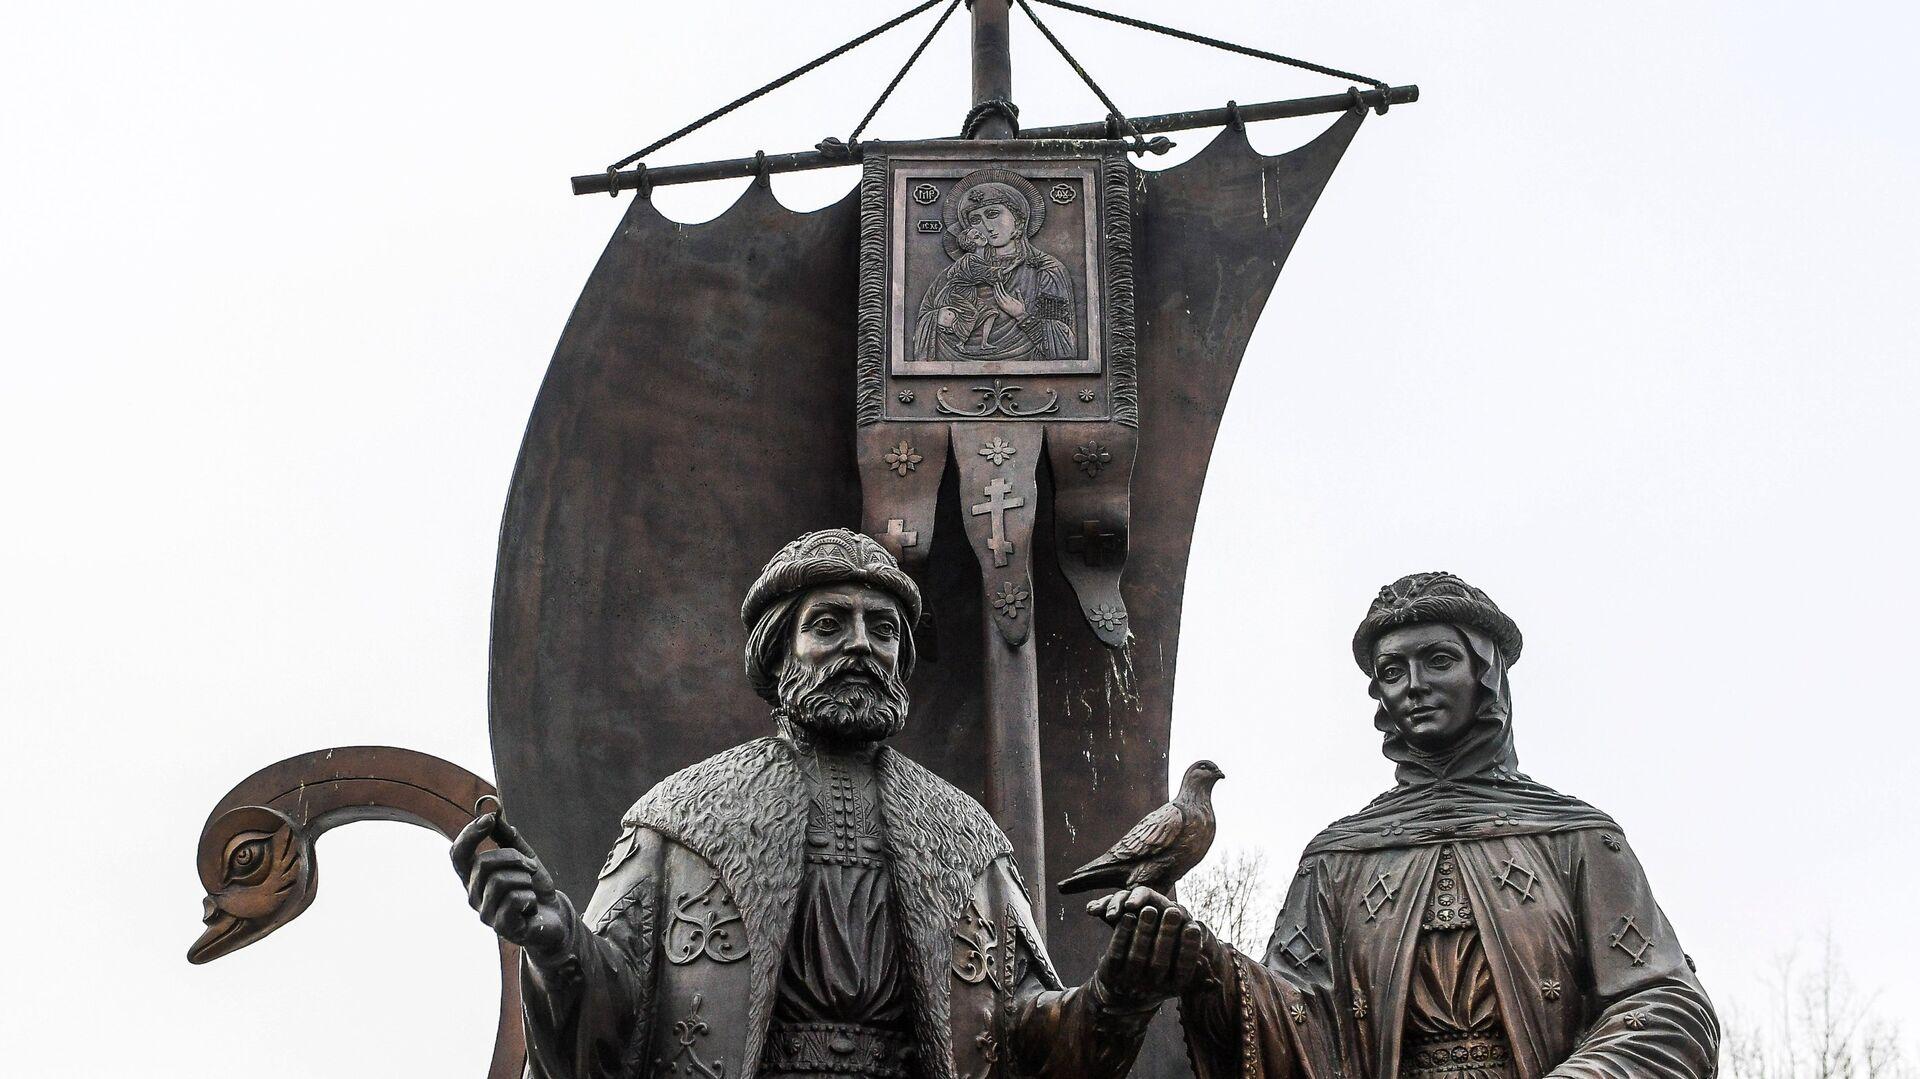 Памятник святым Петру и Февронии в Екатеринбурге - РИА Новости, 1920, 07.07.2021